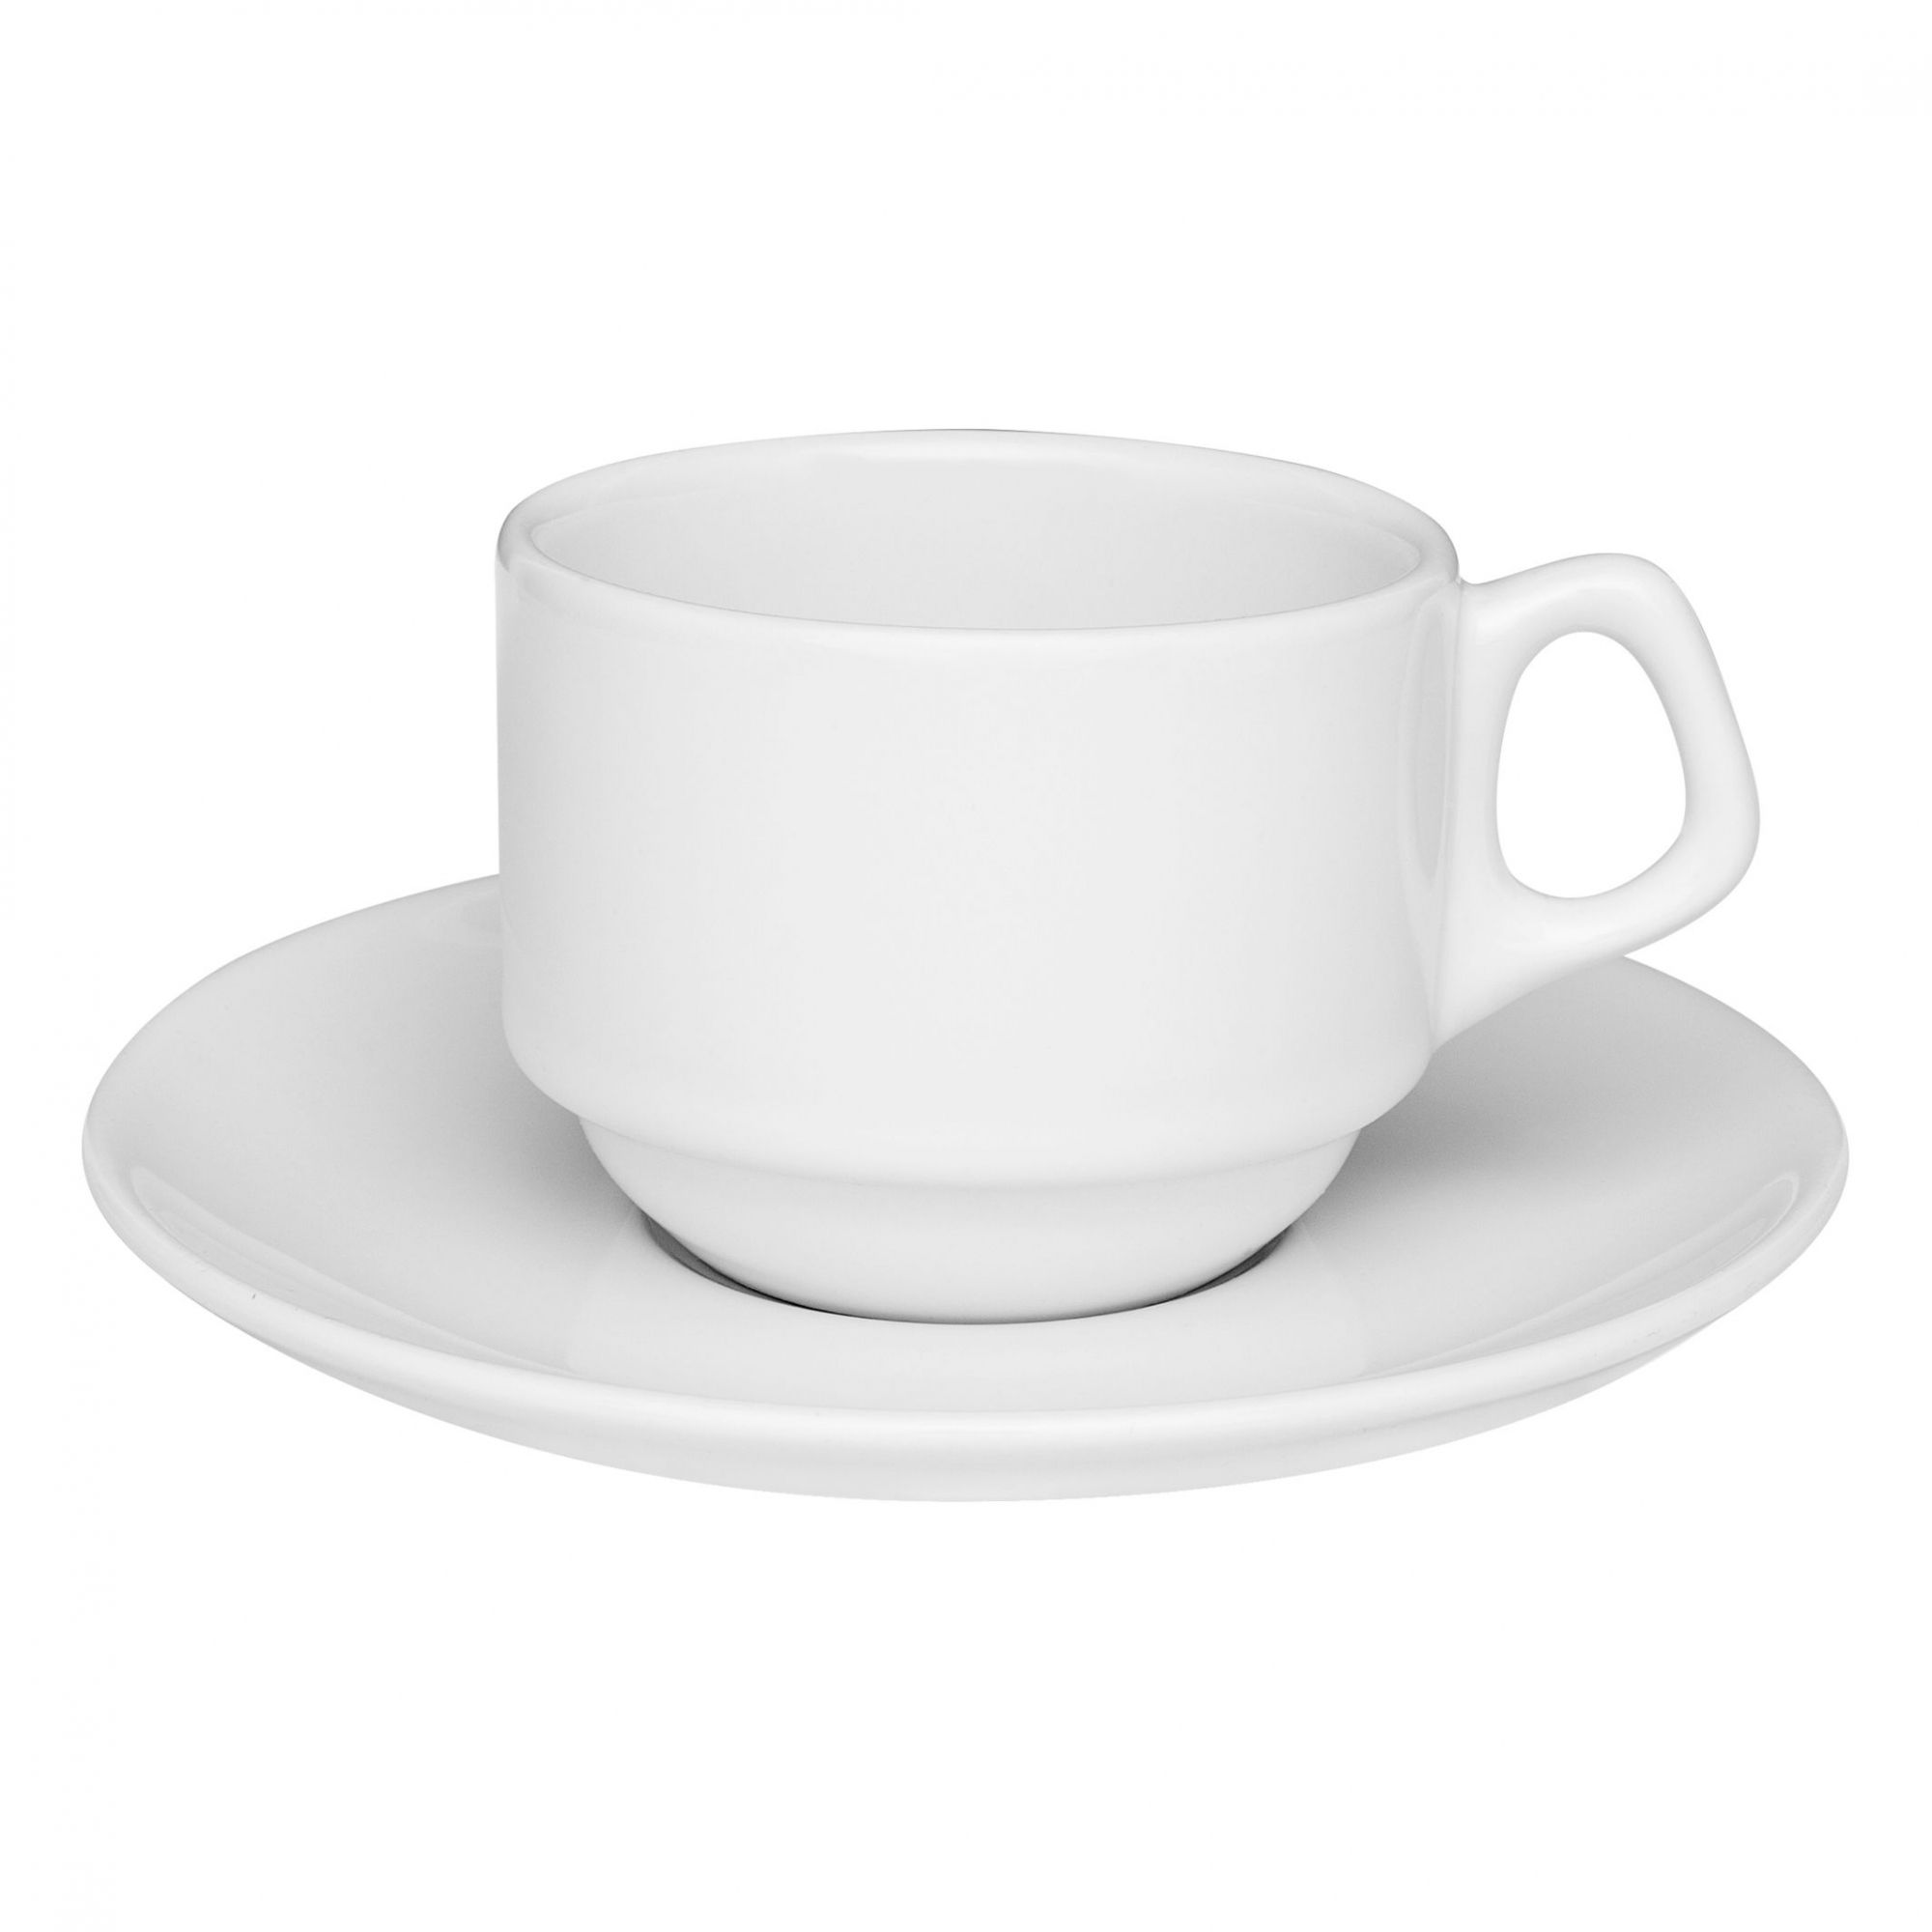 Xícara de Chá com Pires 220 ml Empilhável Gourmet Branca